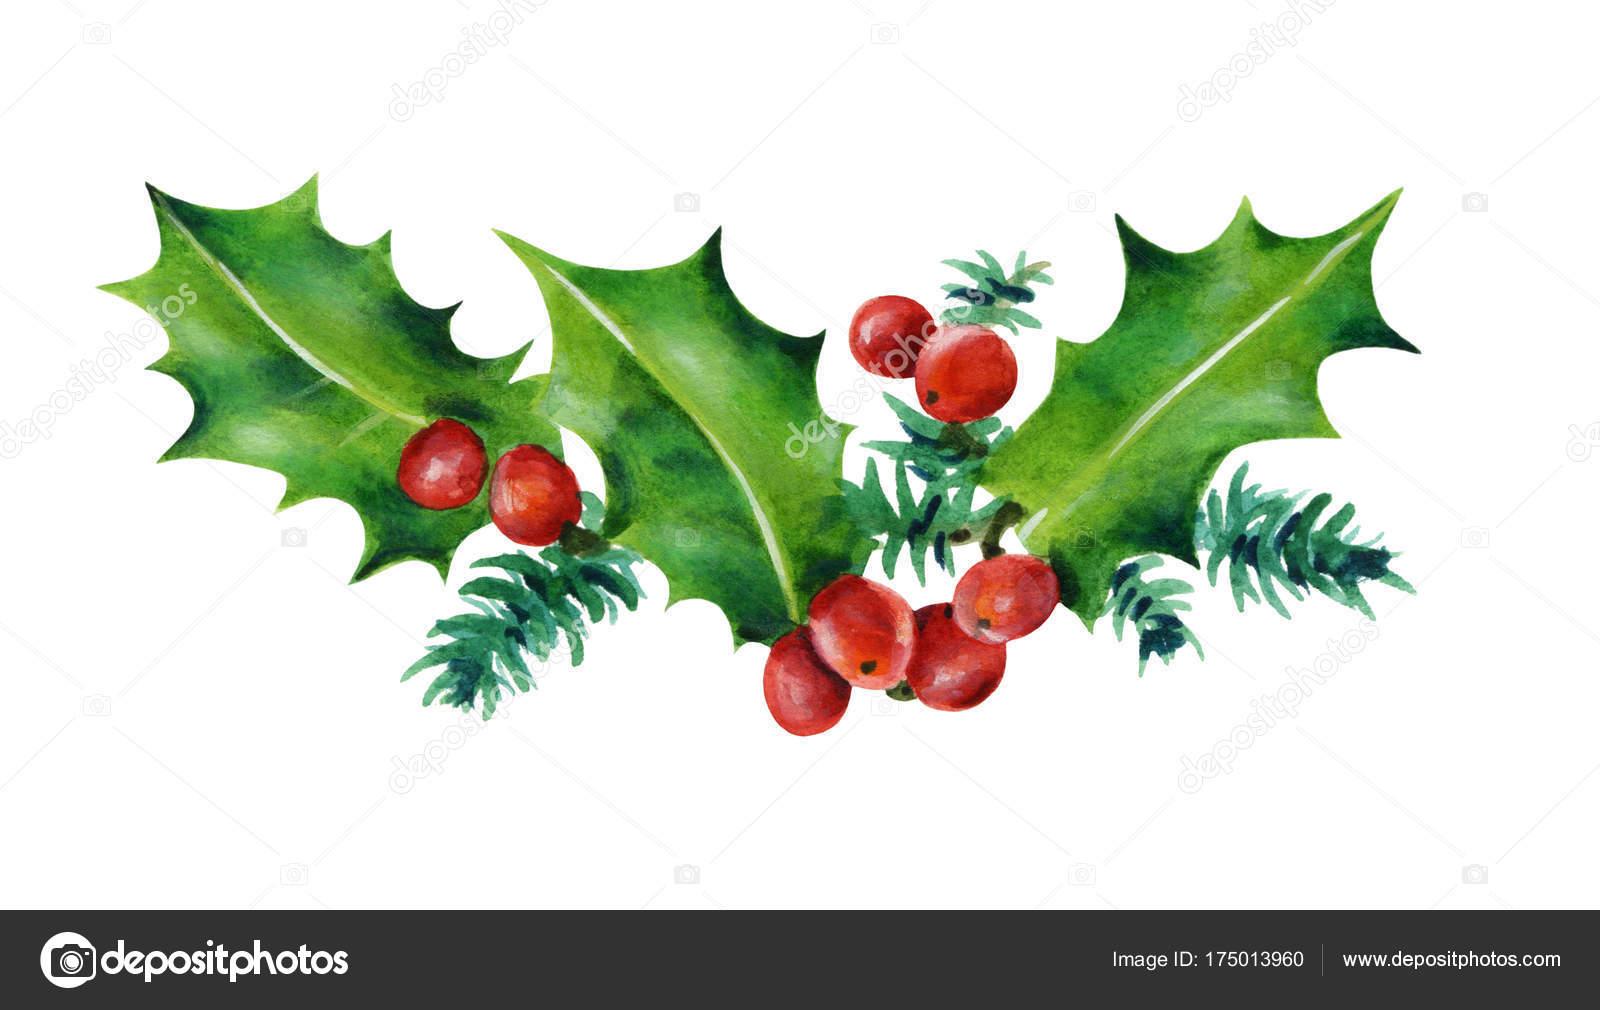 Feuille De Houx branche noël feuilles houx baies rouges aquarelle illustration isolé